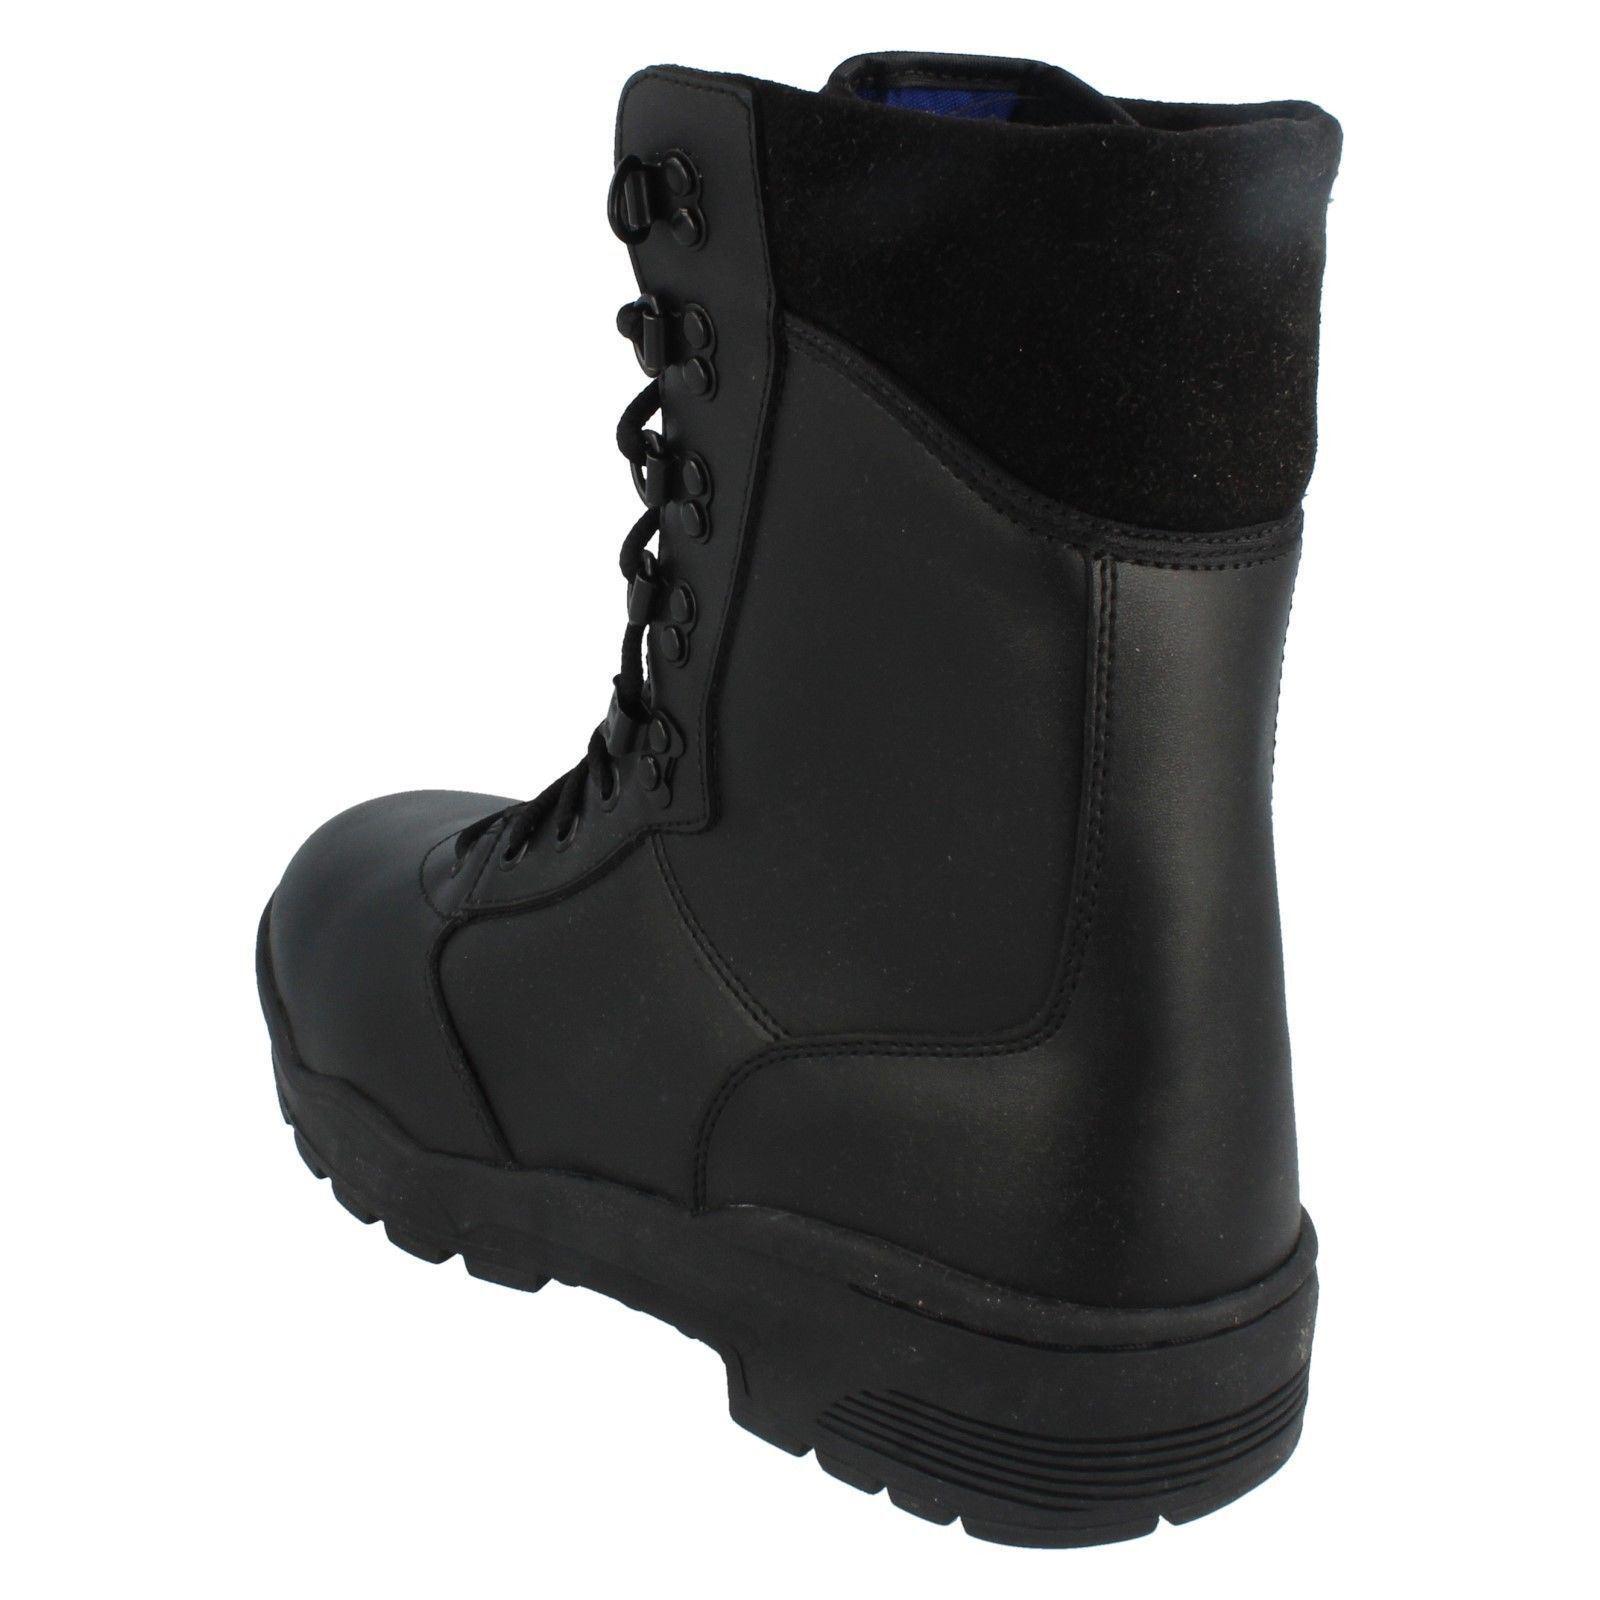 Men's Magnum Safety Boots 'Leather Magnum CEN' Label ~ K